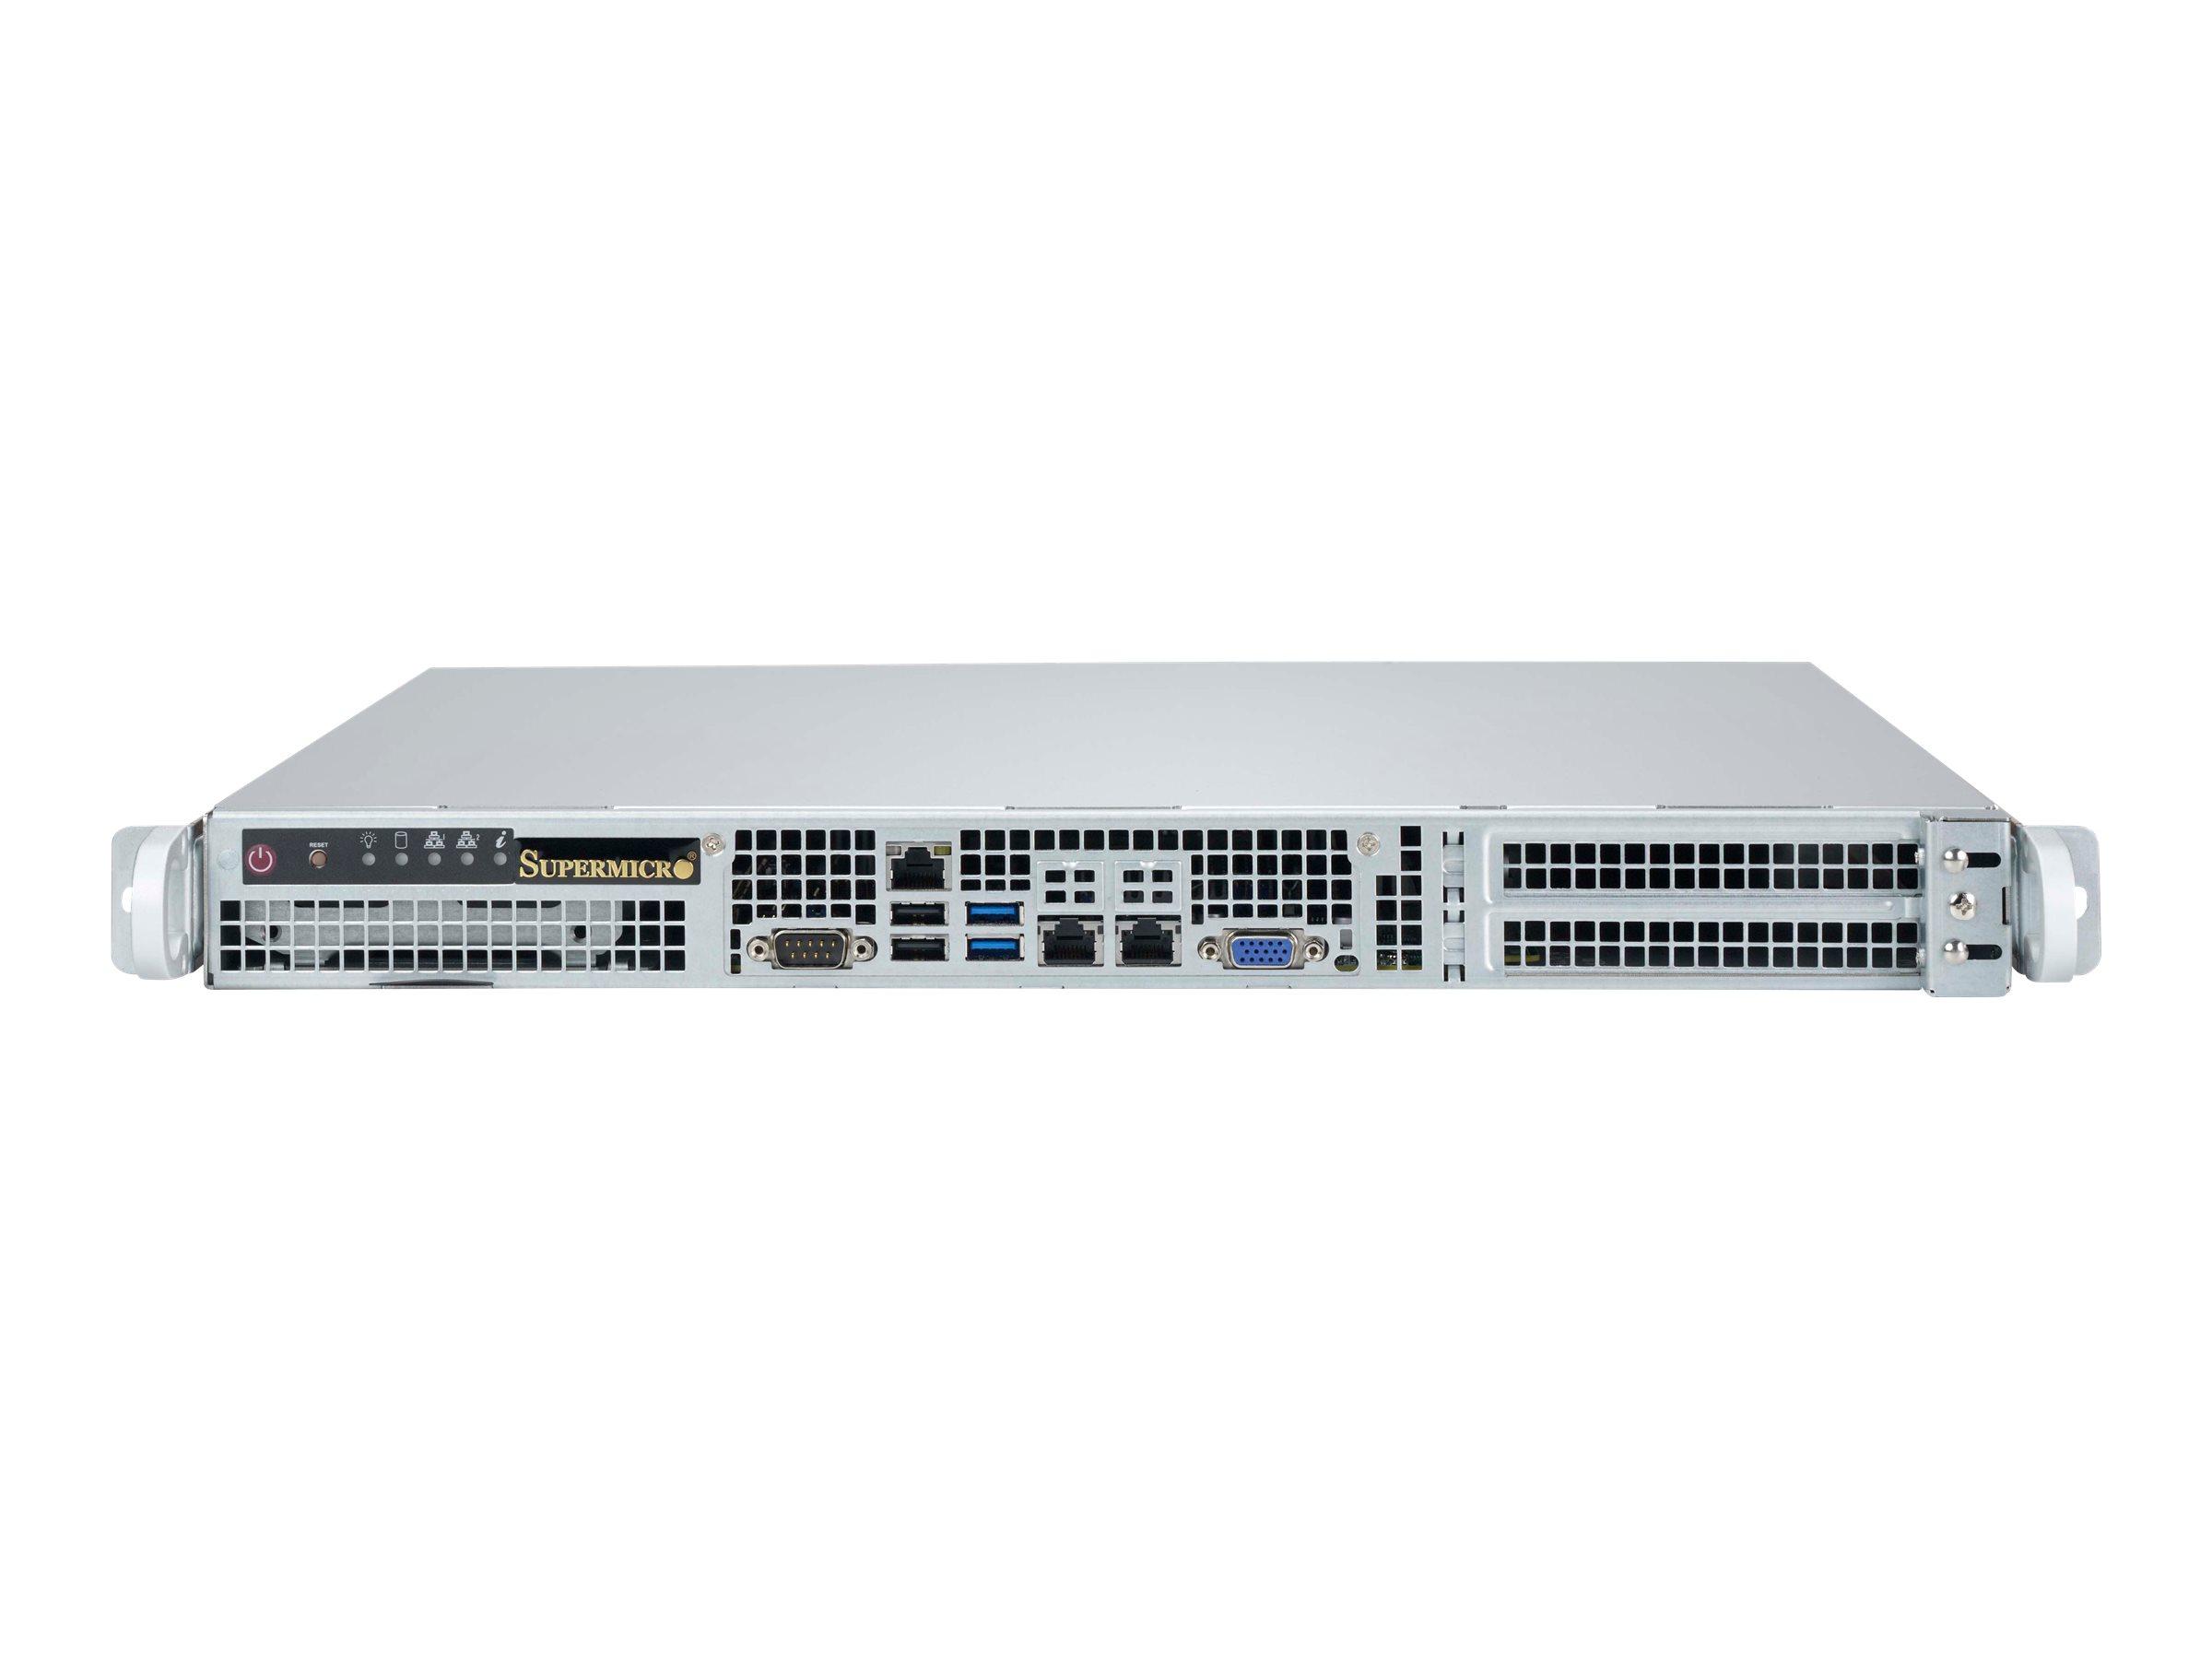 Supermicro SC515 505 - Rack - einbaufähig - 1U - Erweitertes ATX 500 Watt